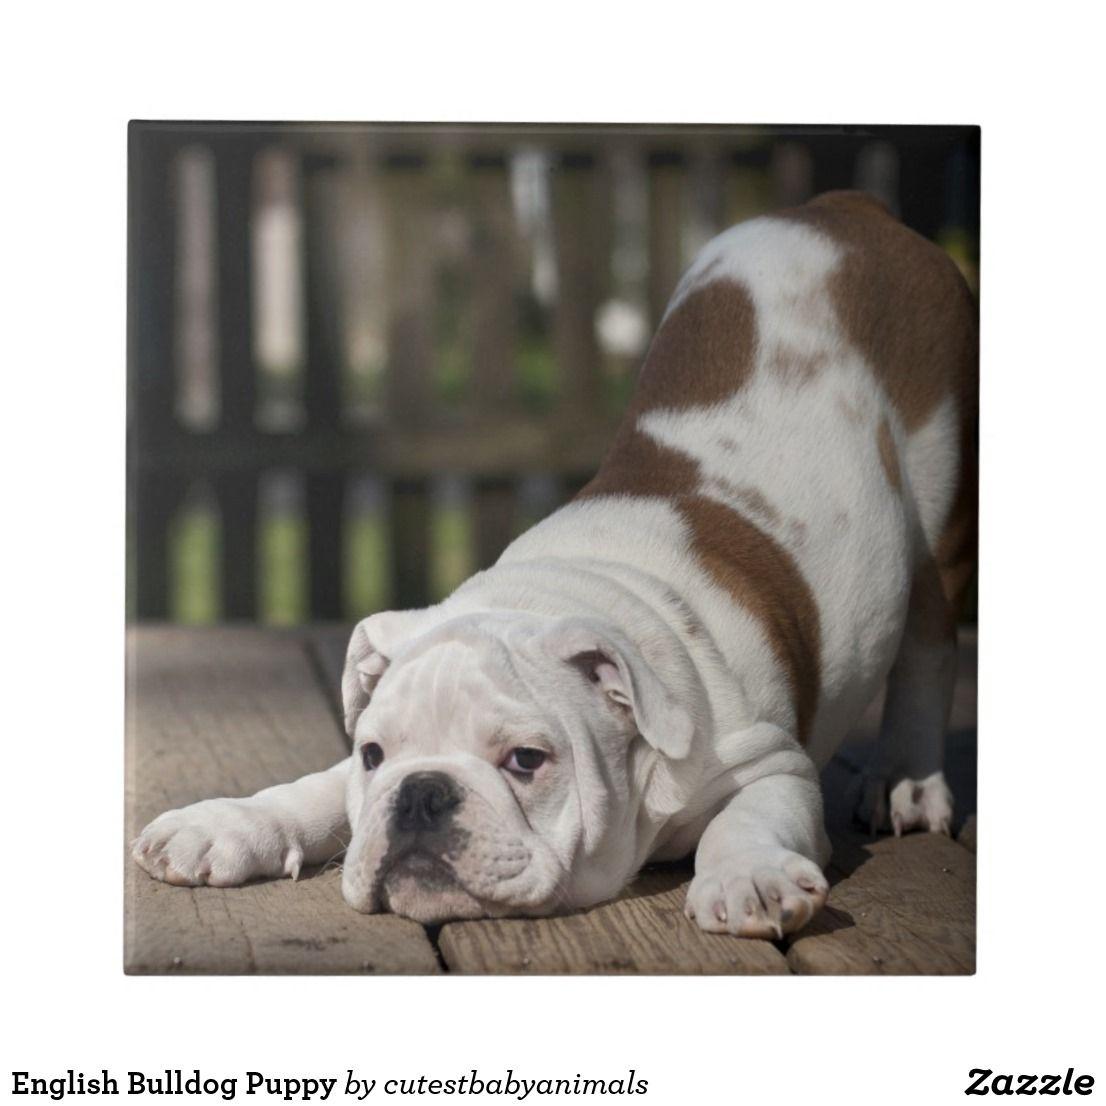 English Bulldog Puppy Tile Zazzle Com Bulldog Puppies Baby